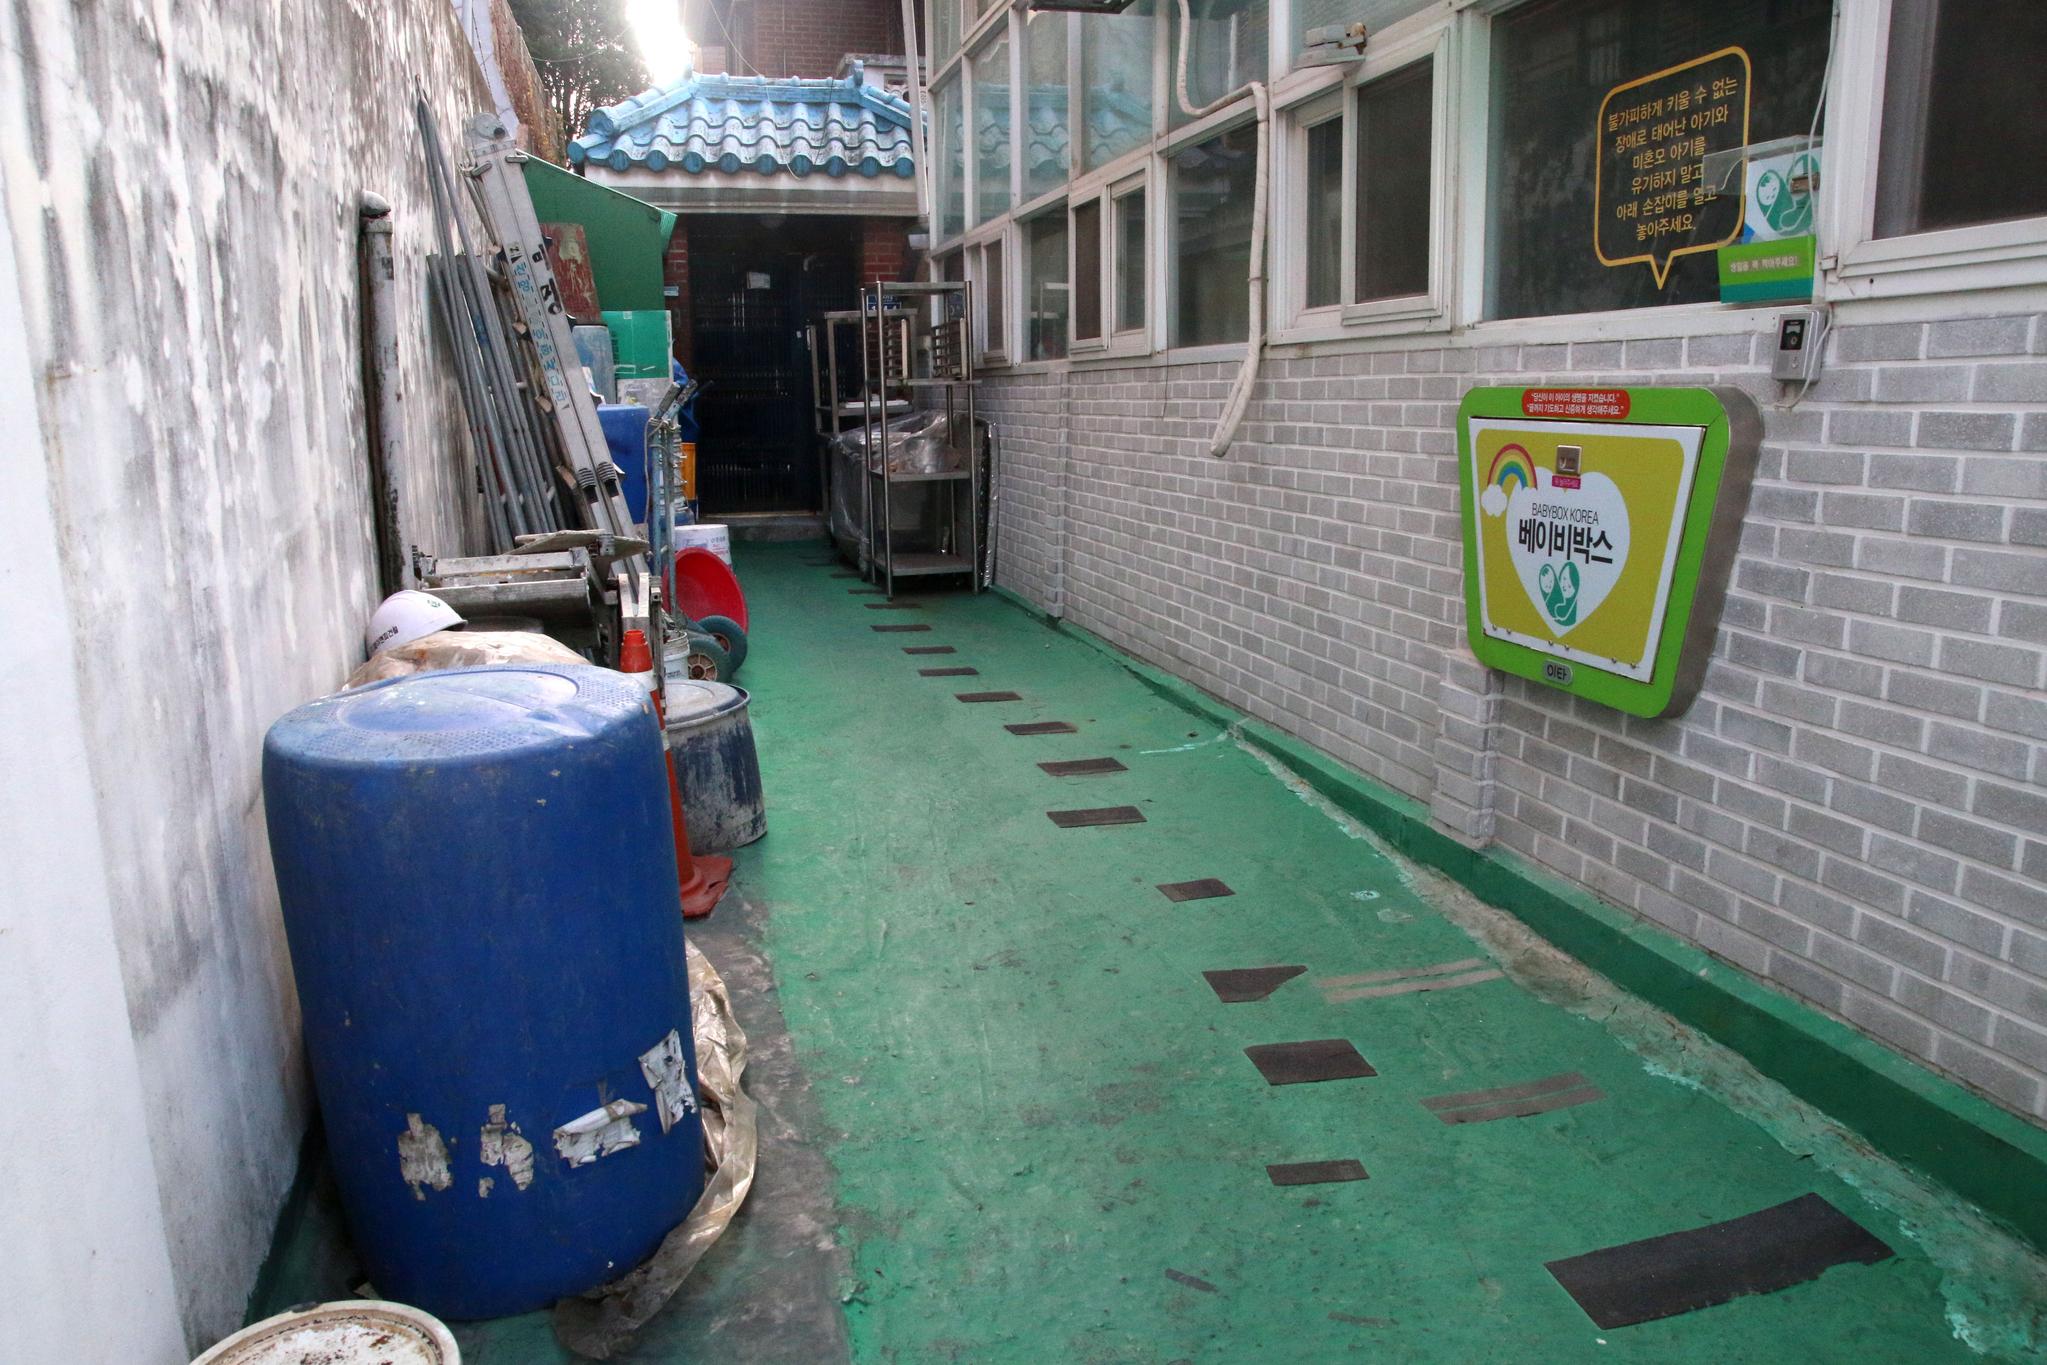 지난 3일 서울 관악구의 한 교회에 설치된 베이비박스 옆 드럼통 주변에서 수건에 싸여 있는 남아의 시신이 발견됐다. 아기는 탯줄과 태반이 붙어있는 상태였던 것으로 전해진다. 사진은 아이가 발견됐던 드럼통 인근. 뉴스1